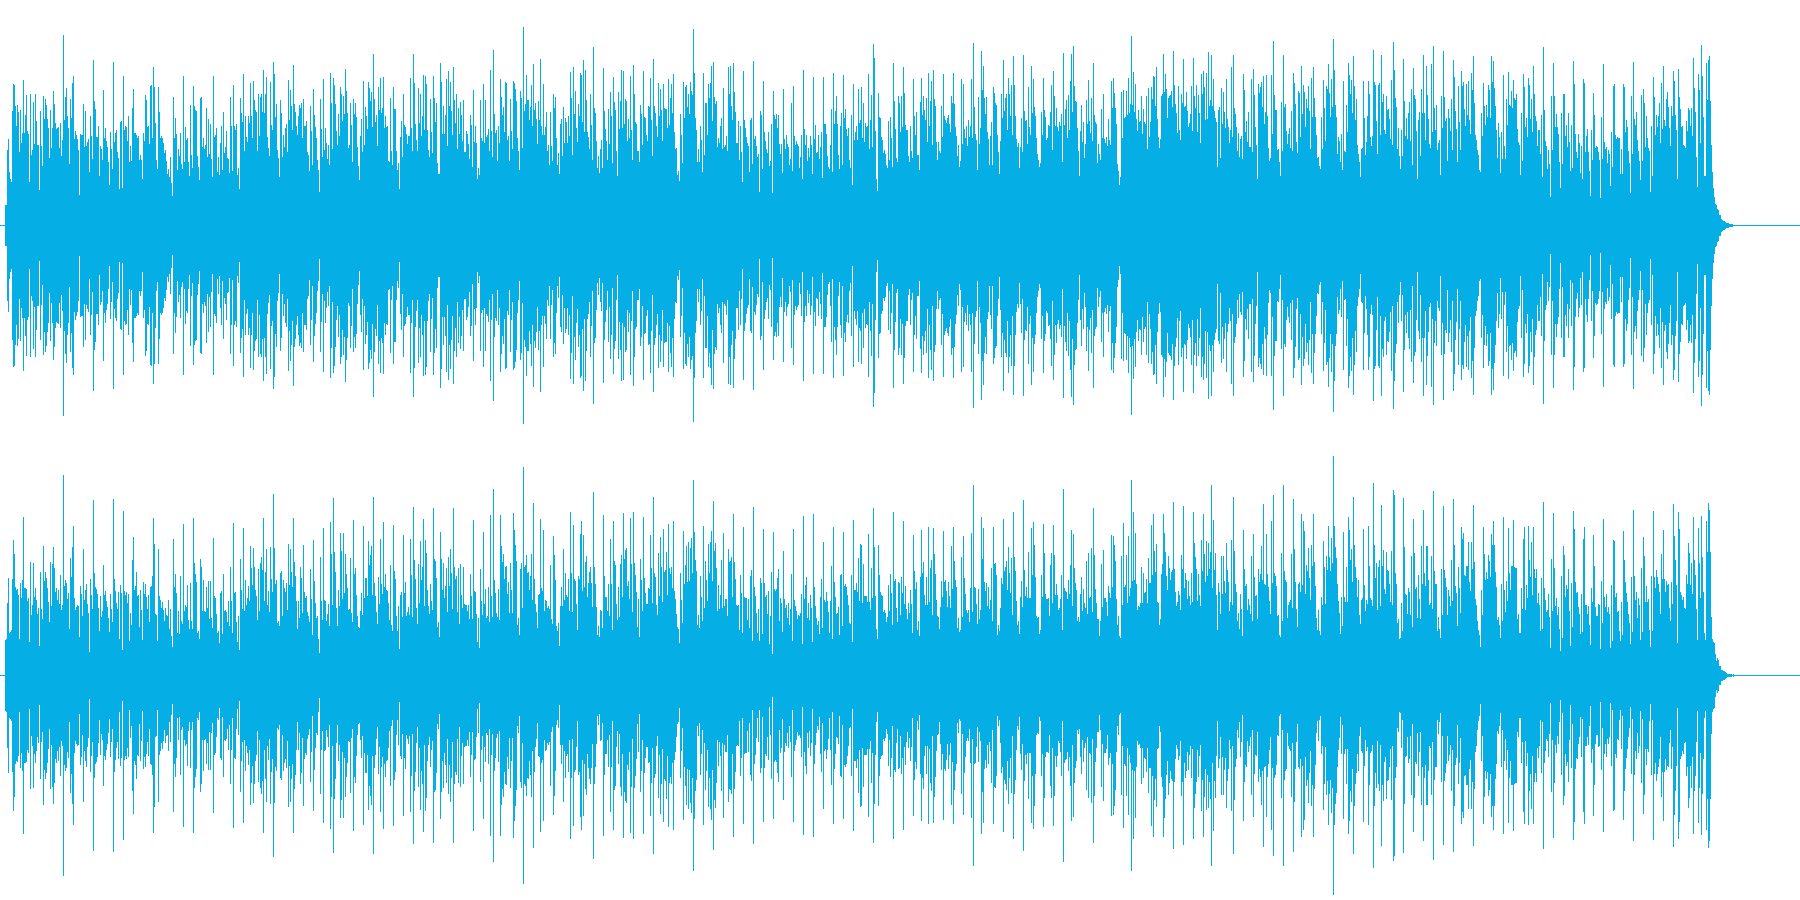 リゾート気分のボサノバ風ポップスの再生済みの波形